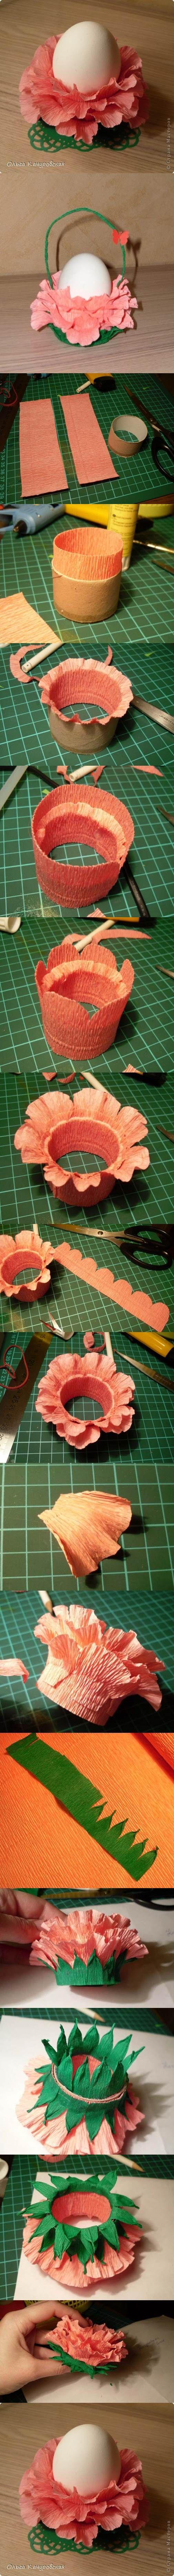 DIY Crepe Paper Flower Easter Egg Stand